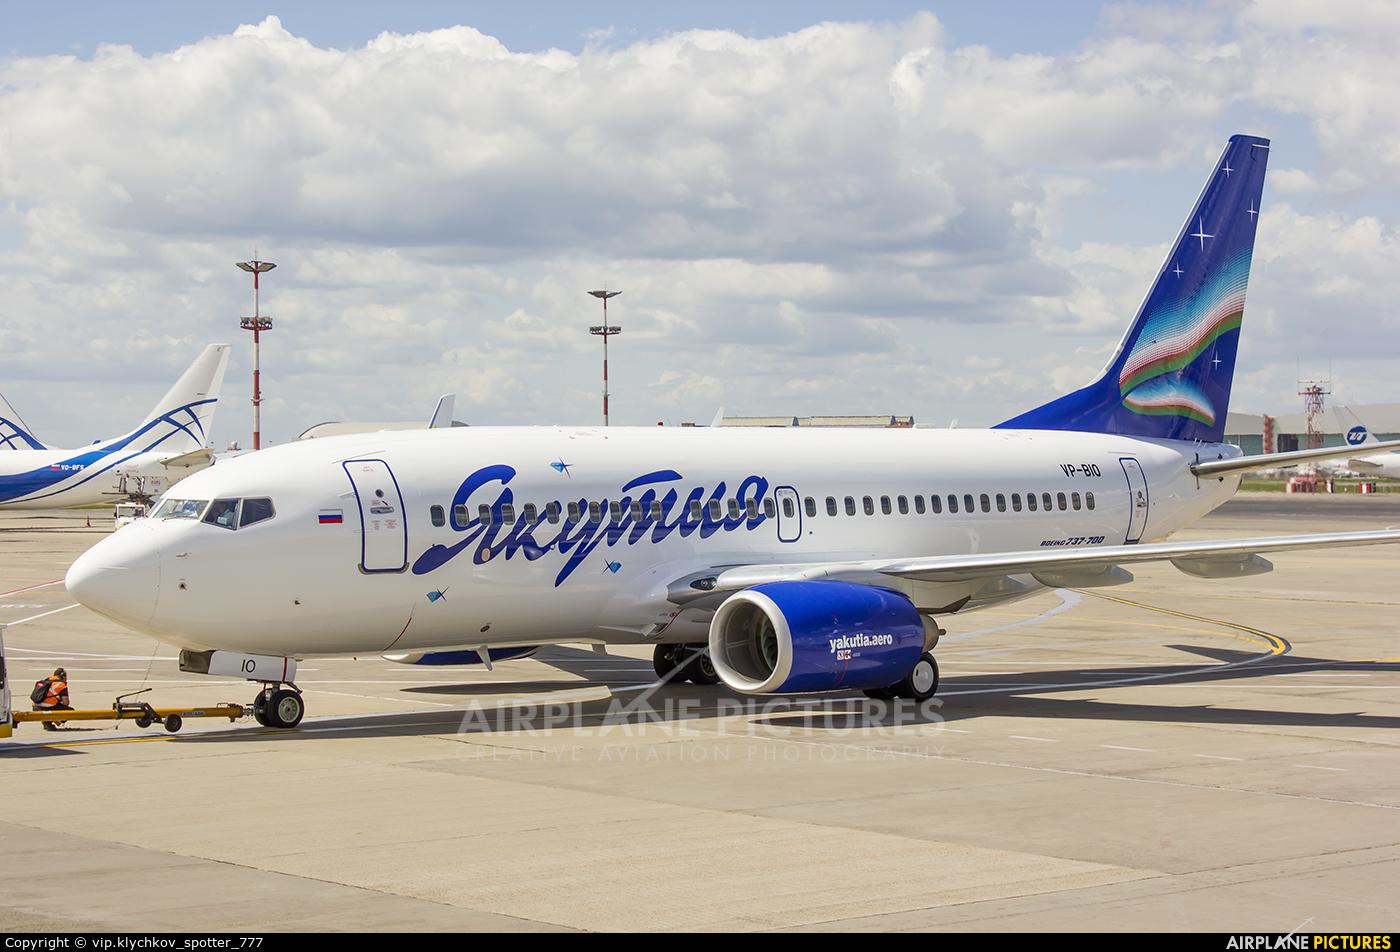 VP-BIO - Yakutia Airlines Boeing 737-700 at Moscow - Vnukovo